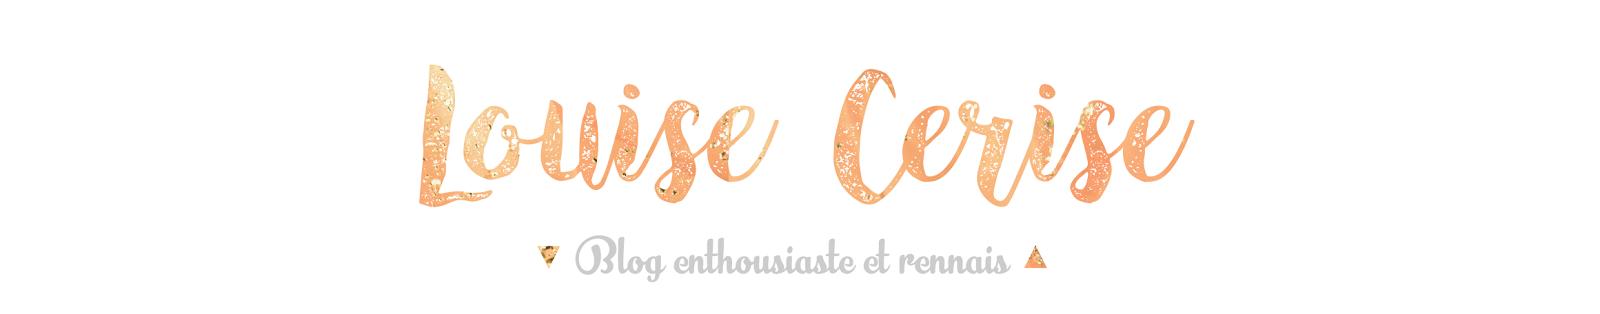 Louise Cerise